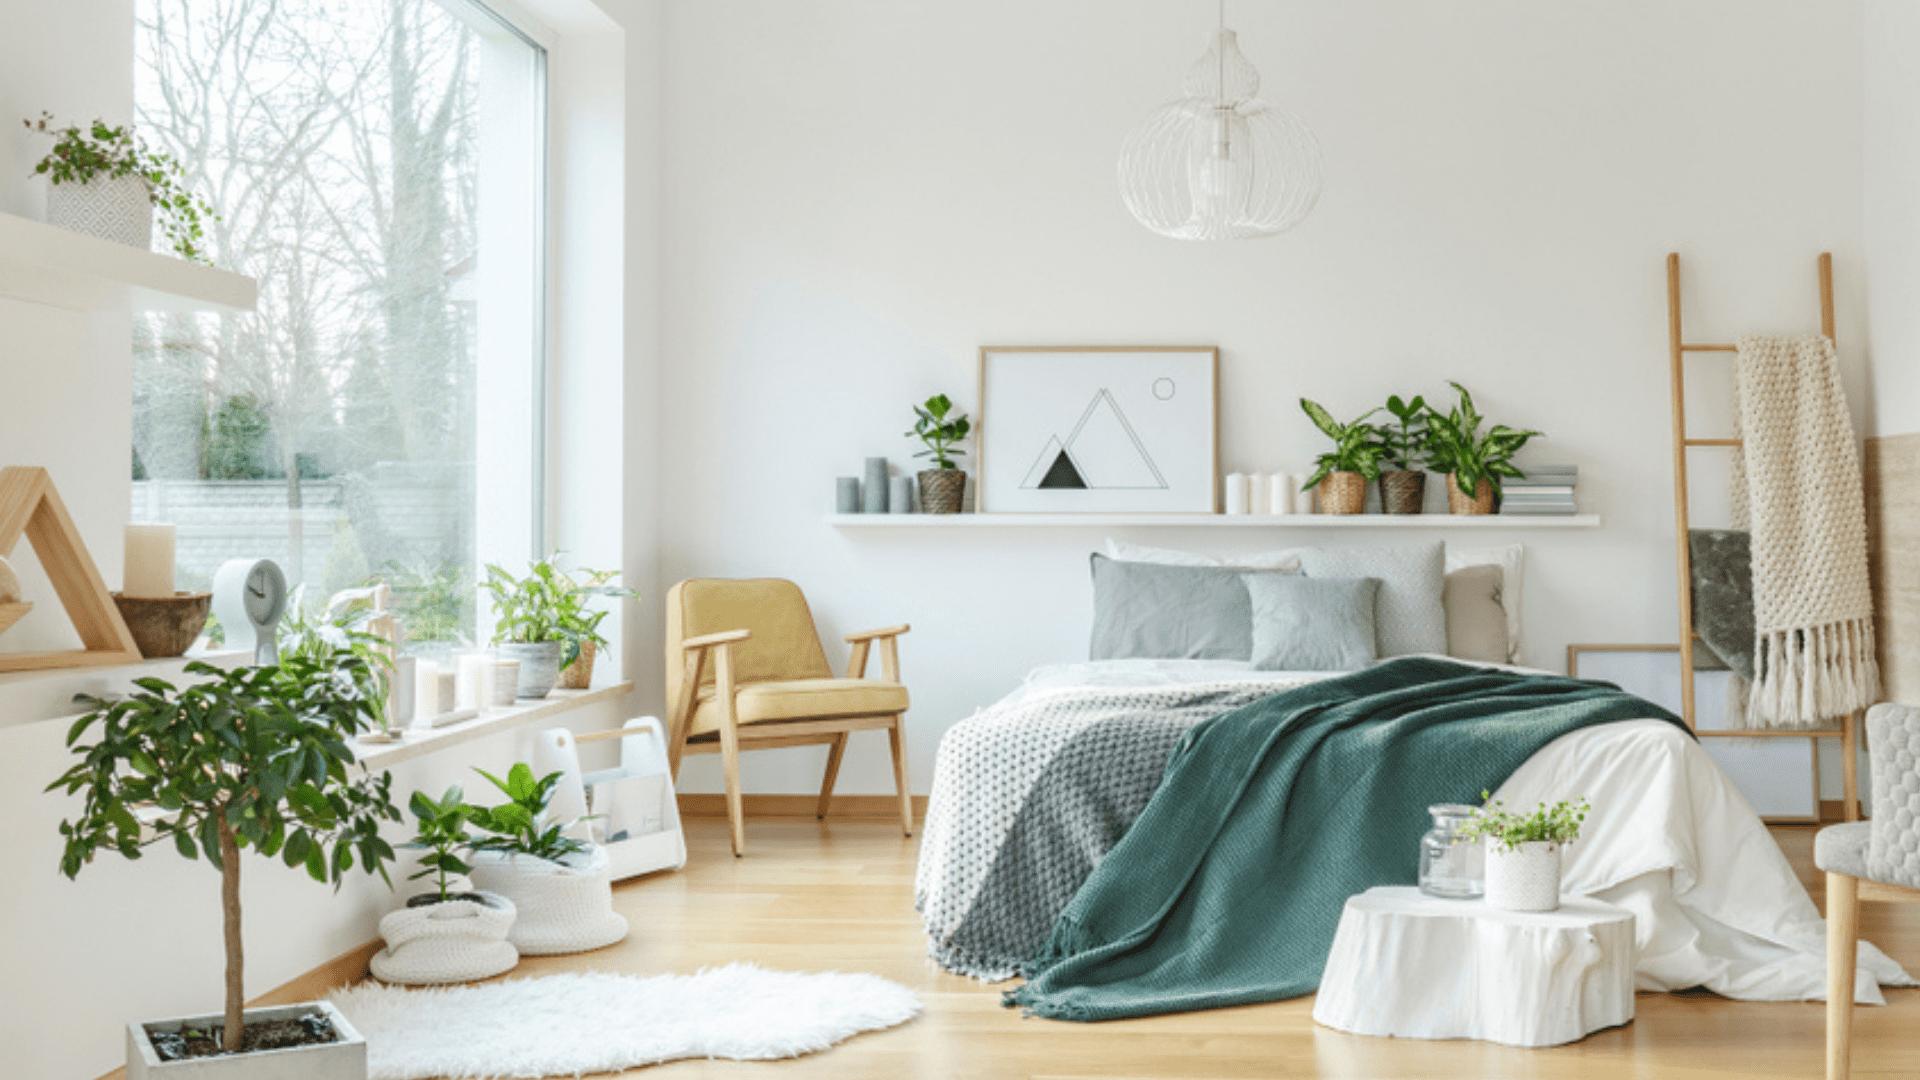 Use uma prateleira como cabeceira para deixar o quarto mais estiloso (Imagem: Reprodução/Shutterstock)